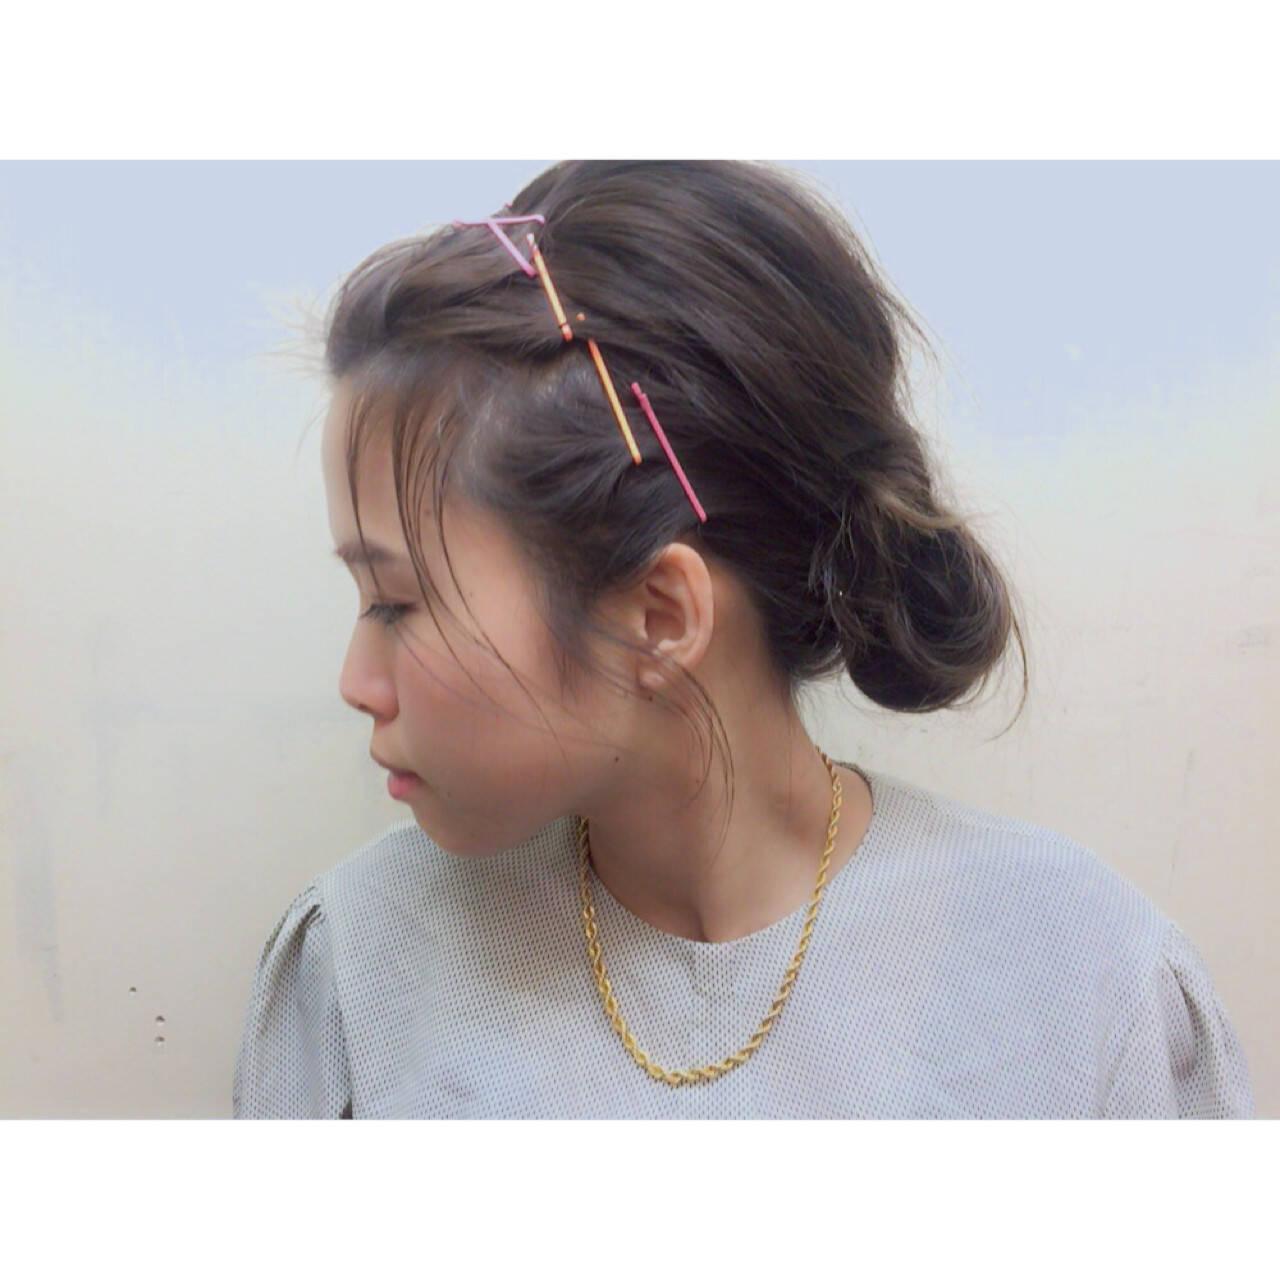 夏 ショート ミディアム 簡単ヘアアレンジヘアスタイルや髪型の写真・画像